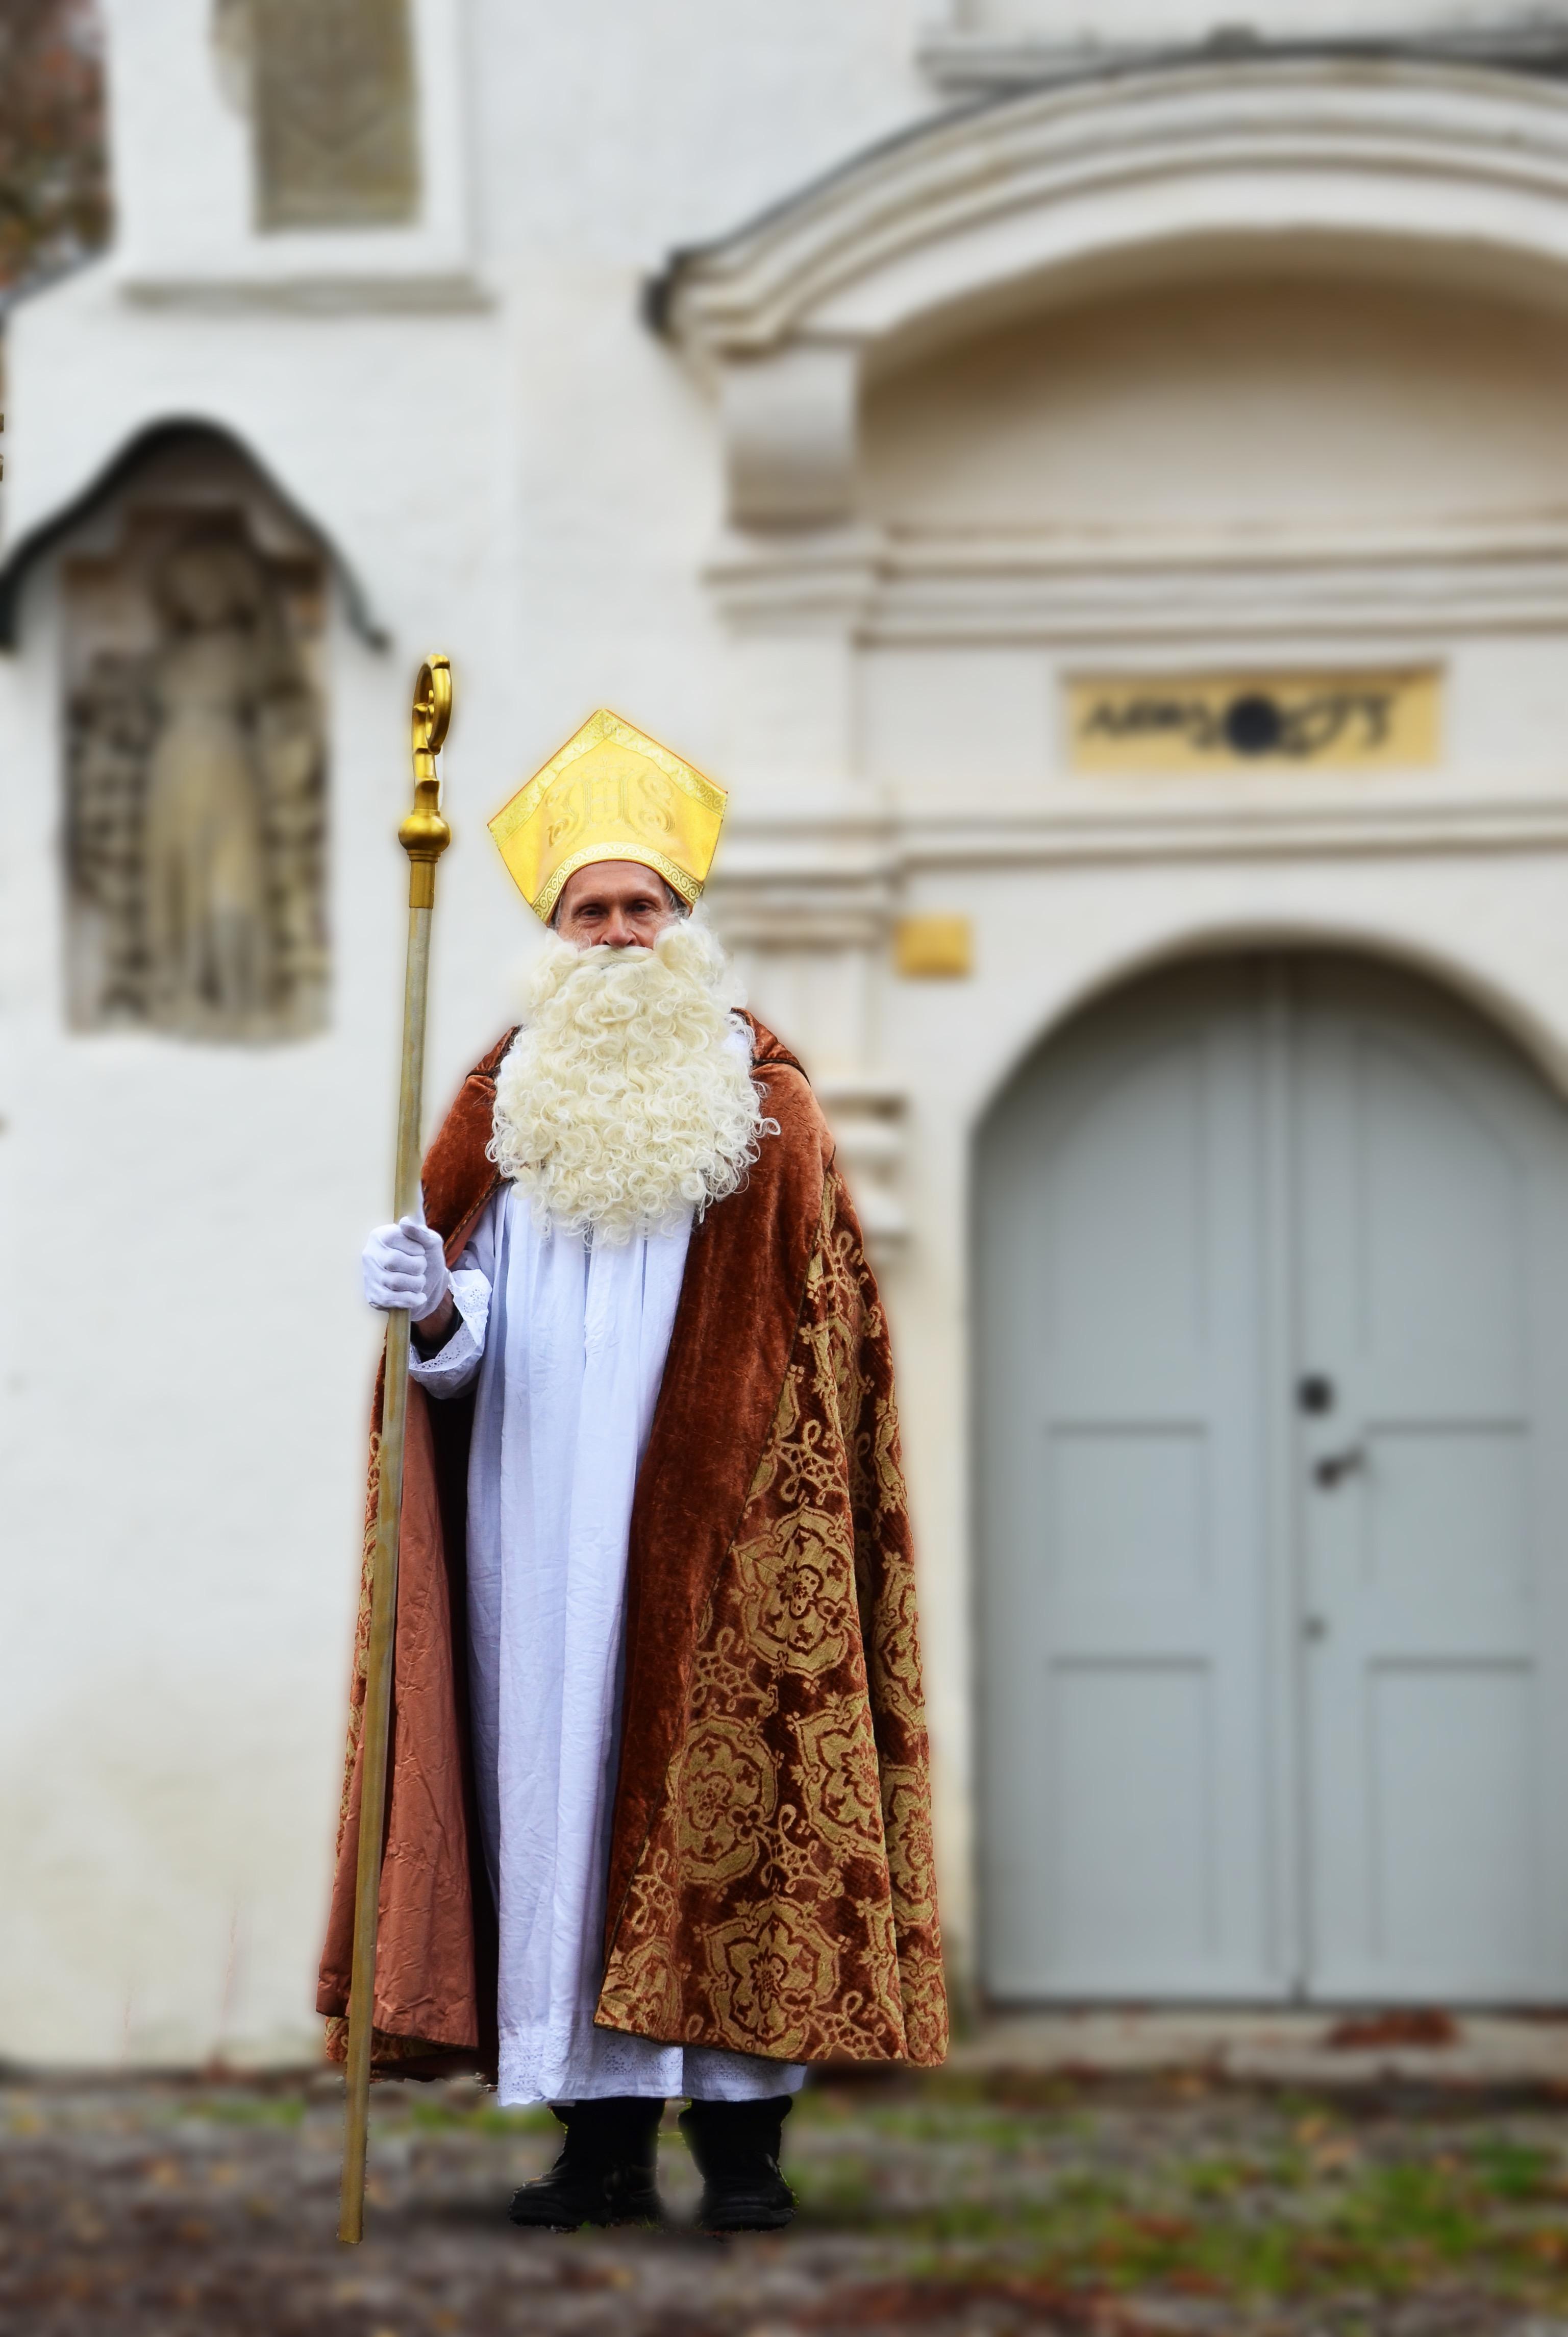 Nikolausfeier für Wangener Kinder am 05.12.19 in der Rochuskapelle